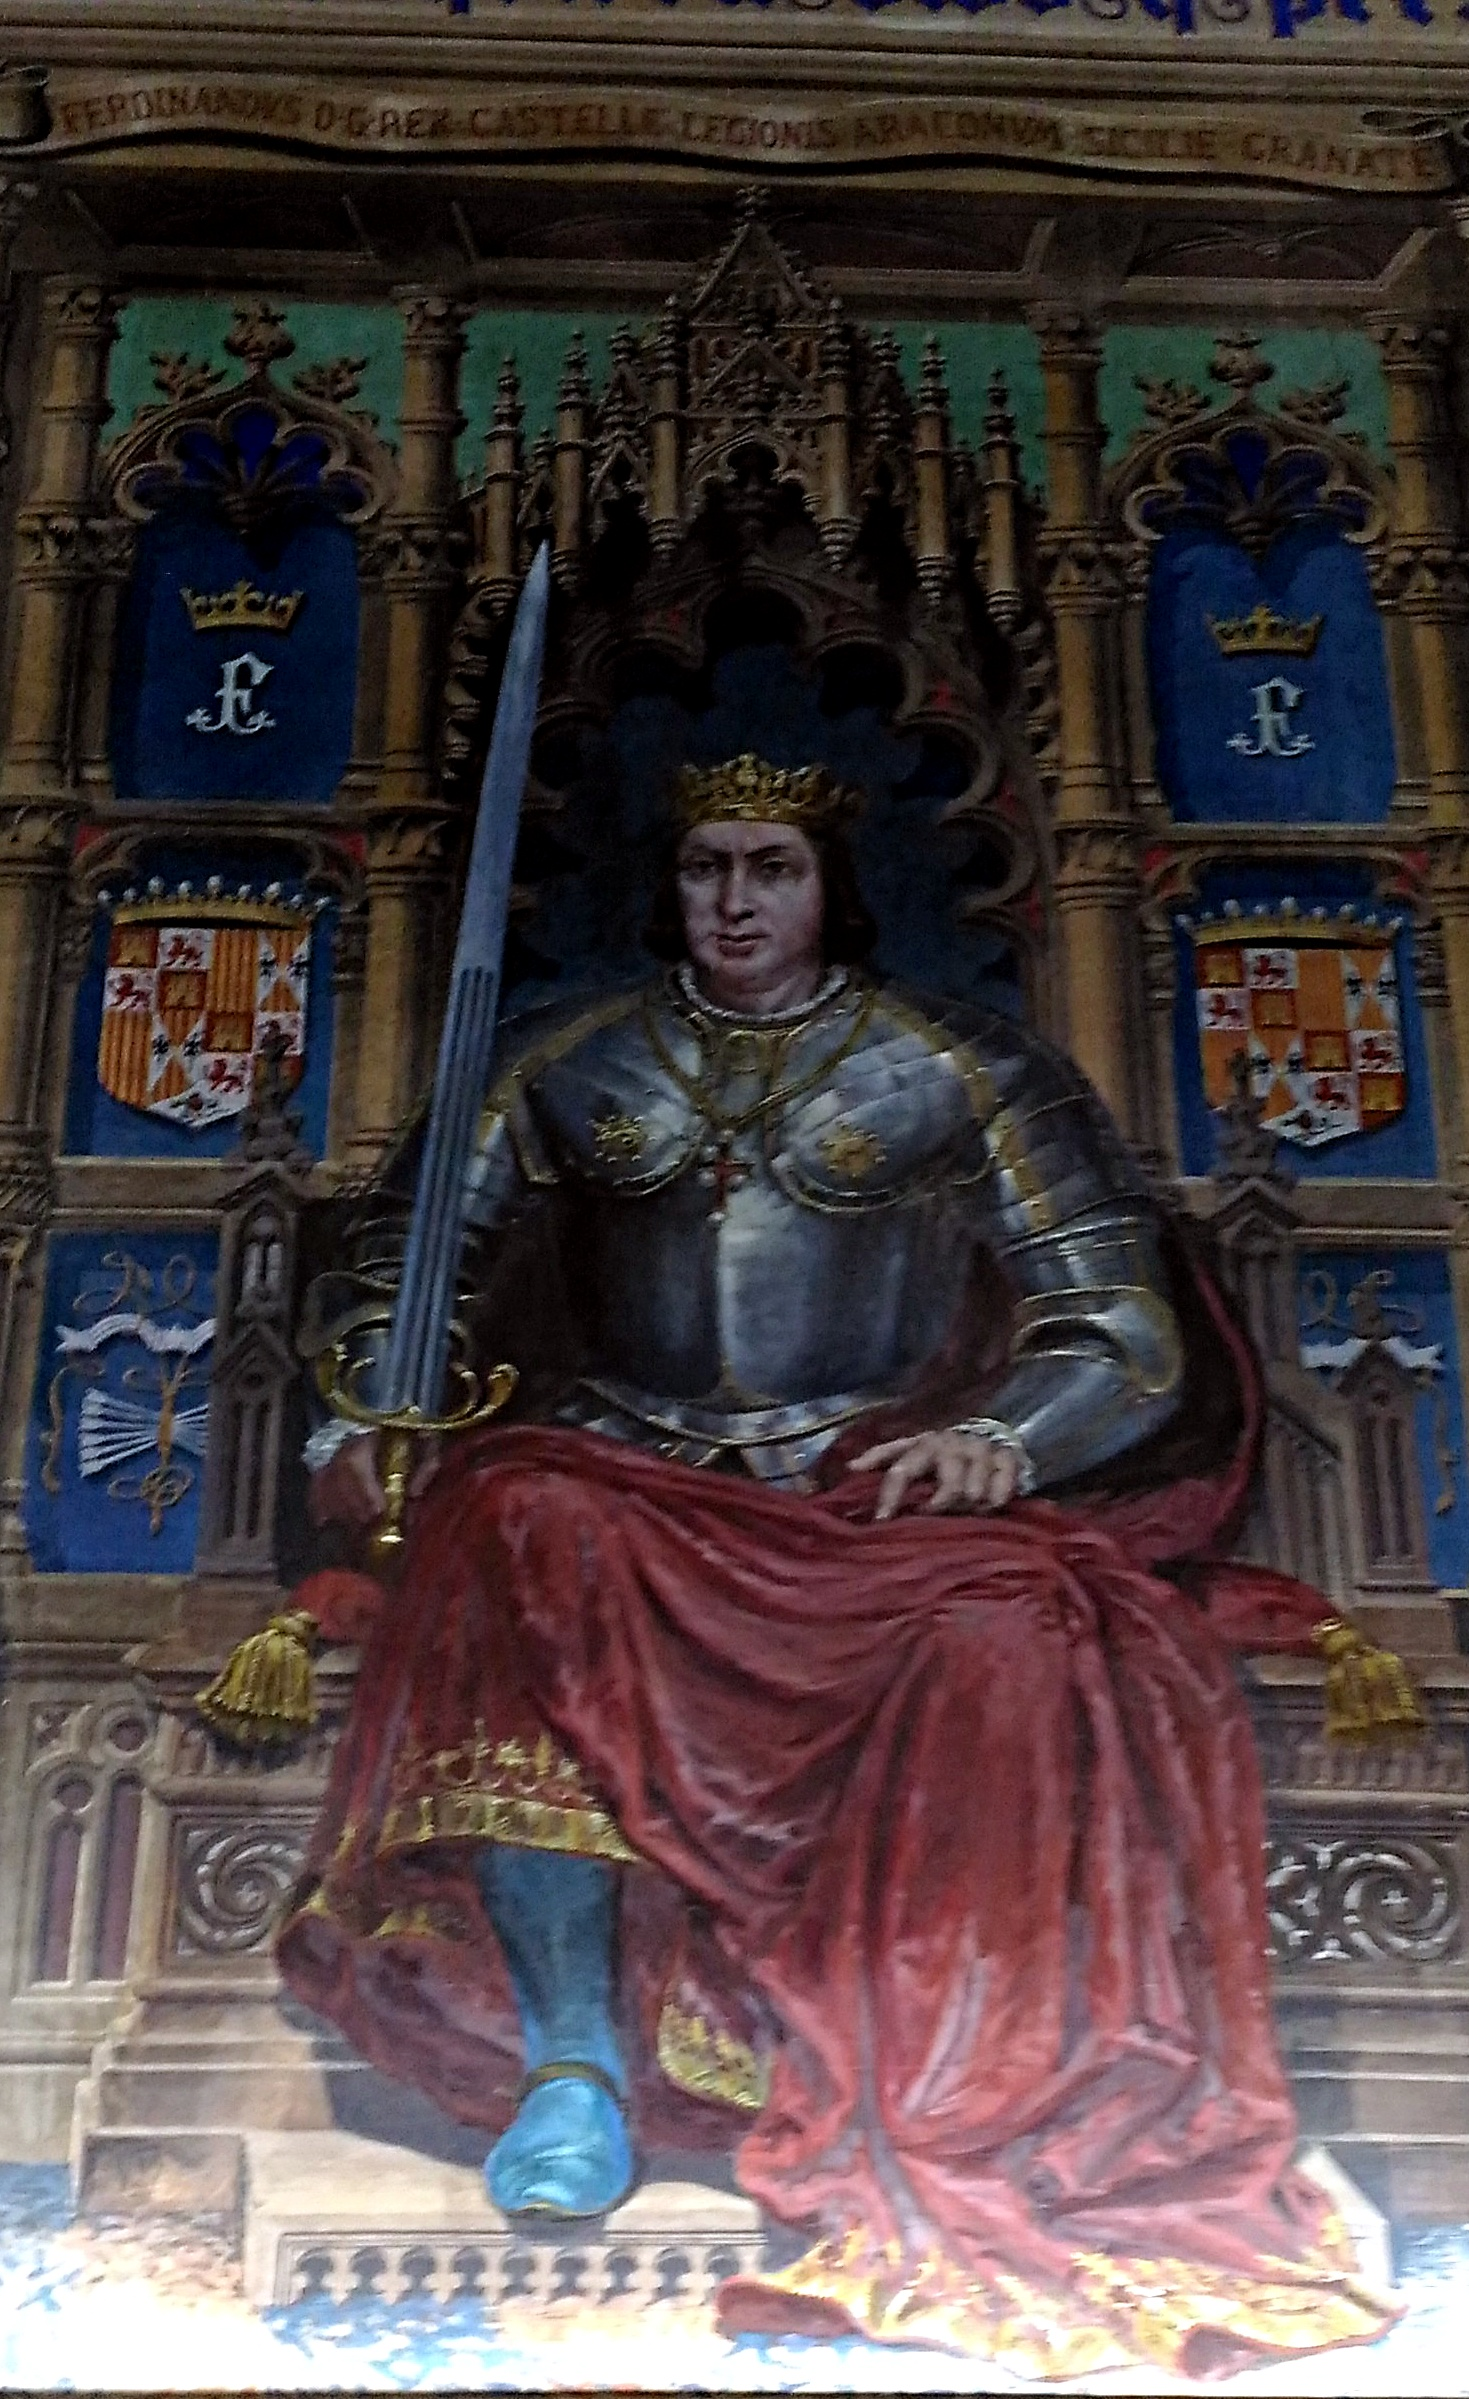 Los reyes y reinas del Palacio Laredo de Alcalá de Henares